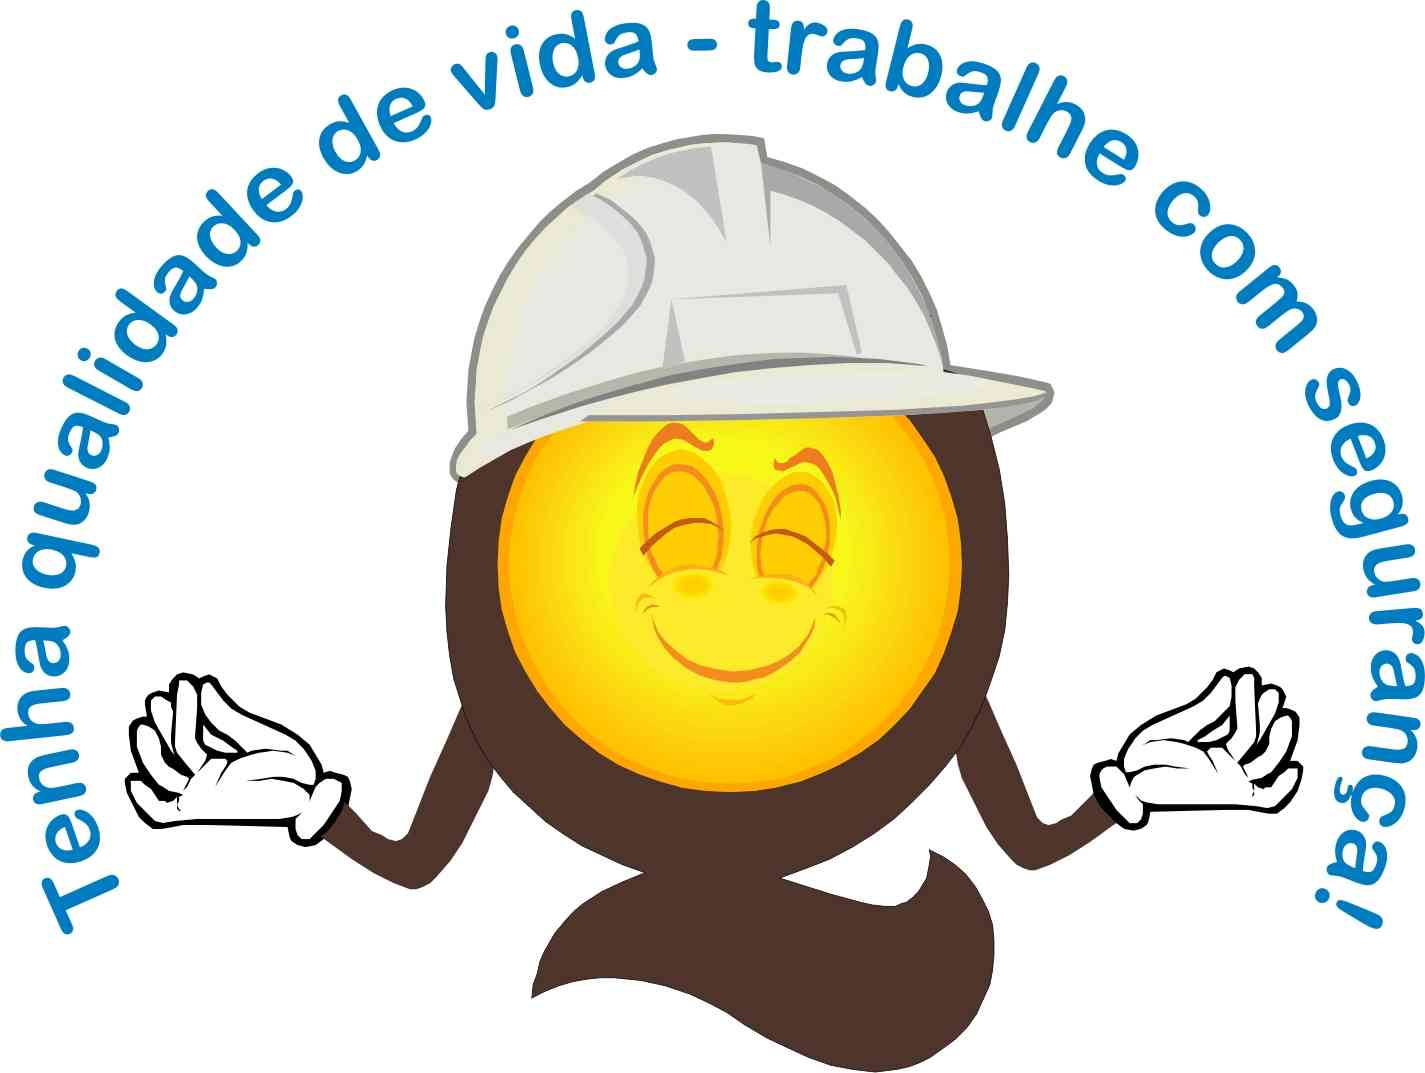 Fabuloso Segurança do Trabalho & Meio Ambiente: FRASE DO DIA  JD25